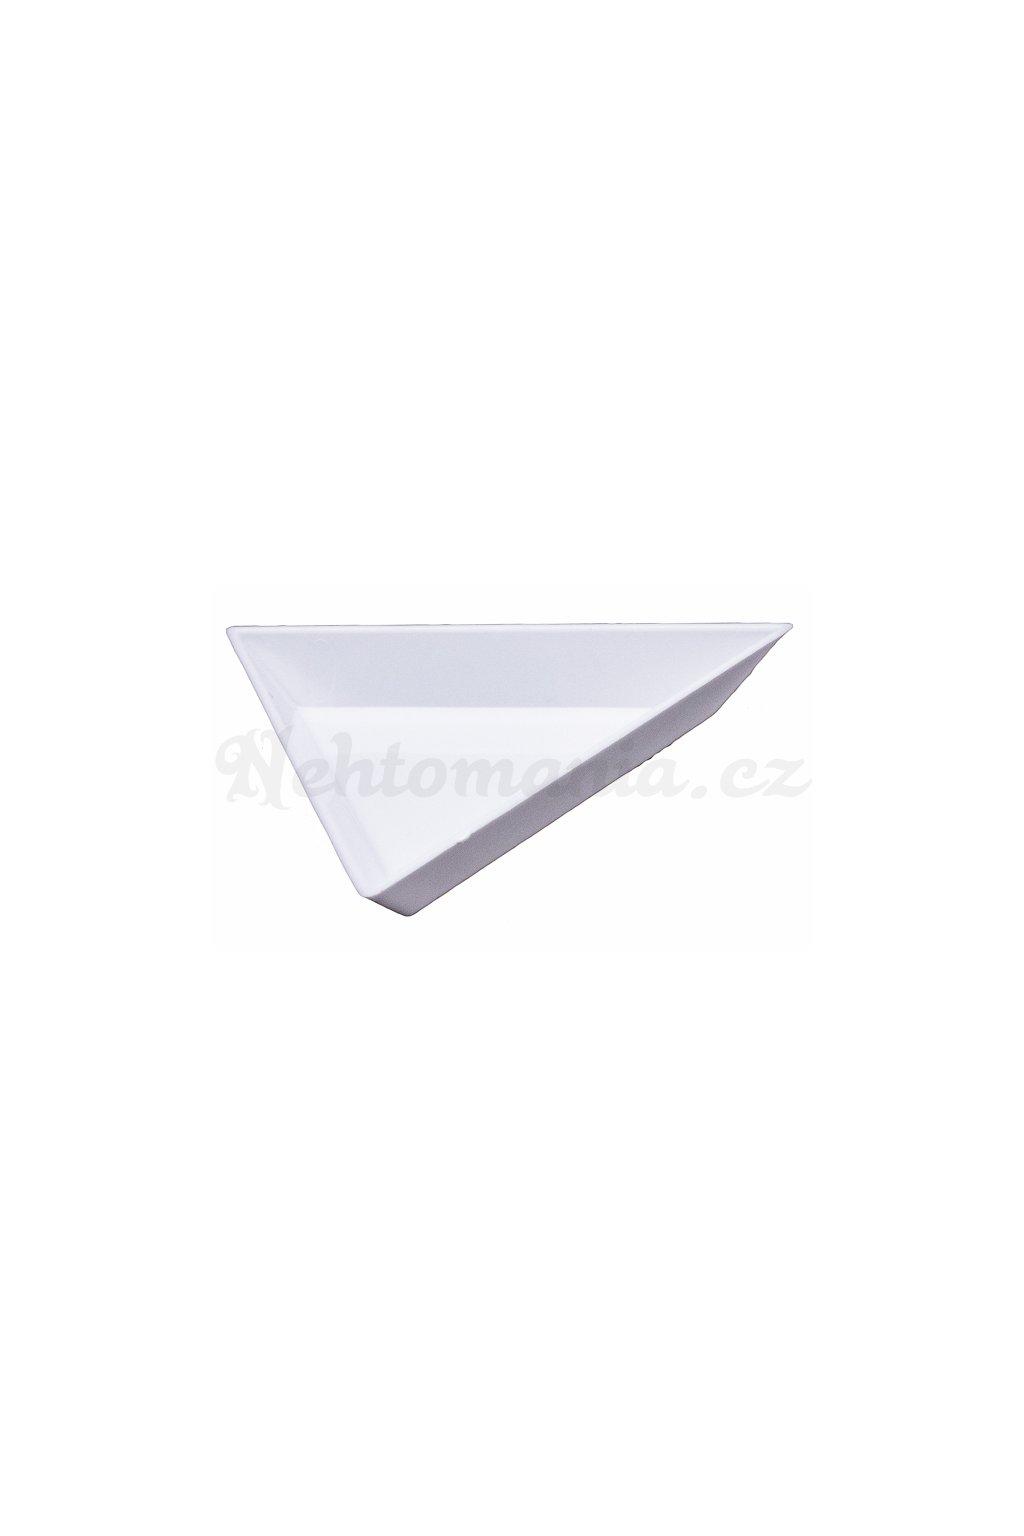 24209 trojuhelnicek na kaminky